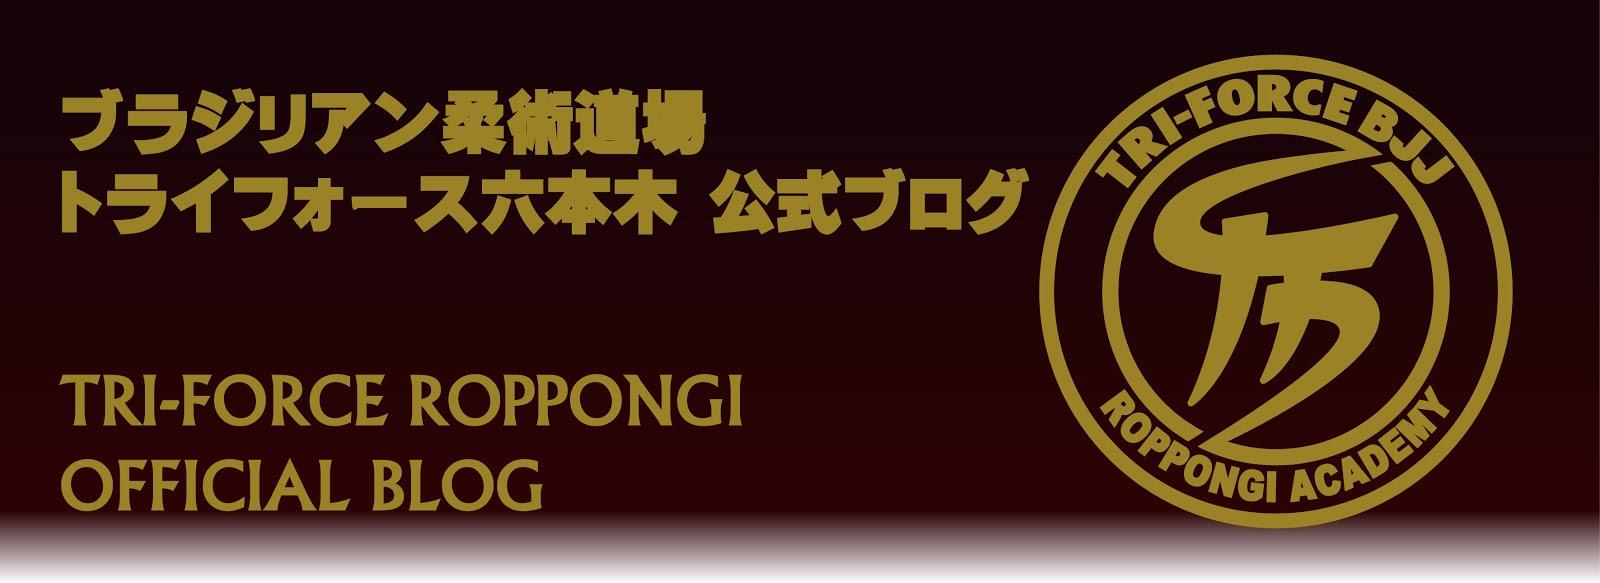 トライフォース六本木 Tri-Force BJJ Roppongi